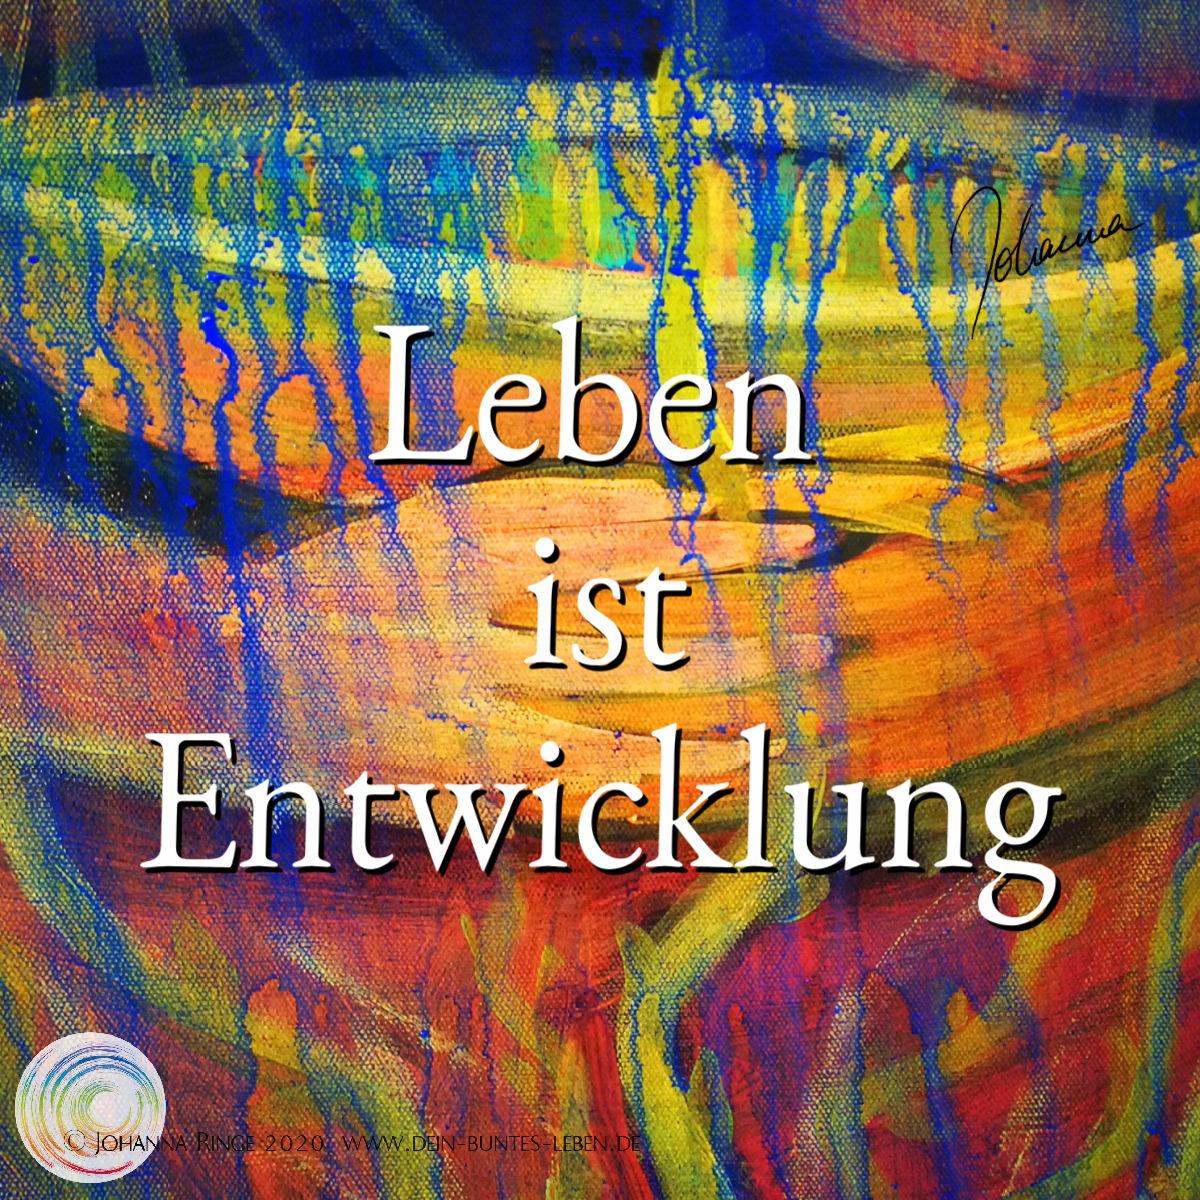 Leben ist Entwicklung. Text auf Acrylbild. ©2020 Johanna Ringe www.dein-buntes-leben.de